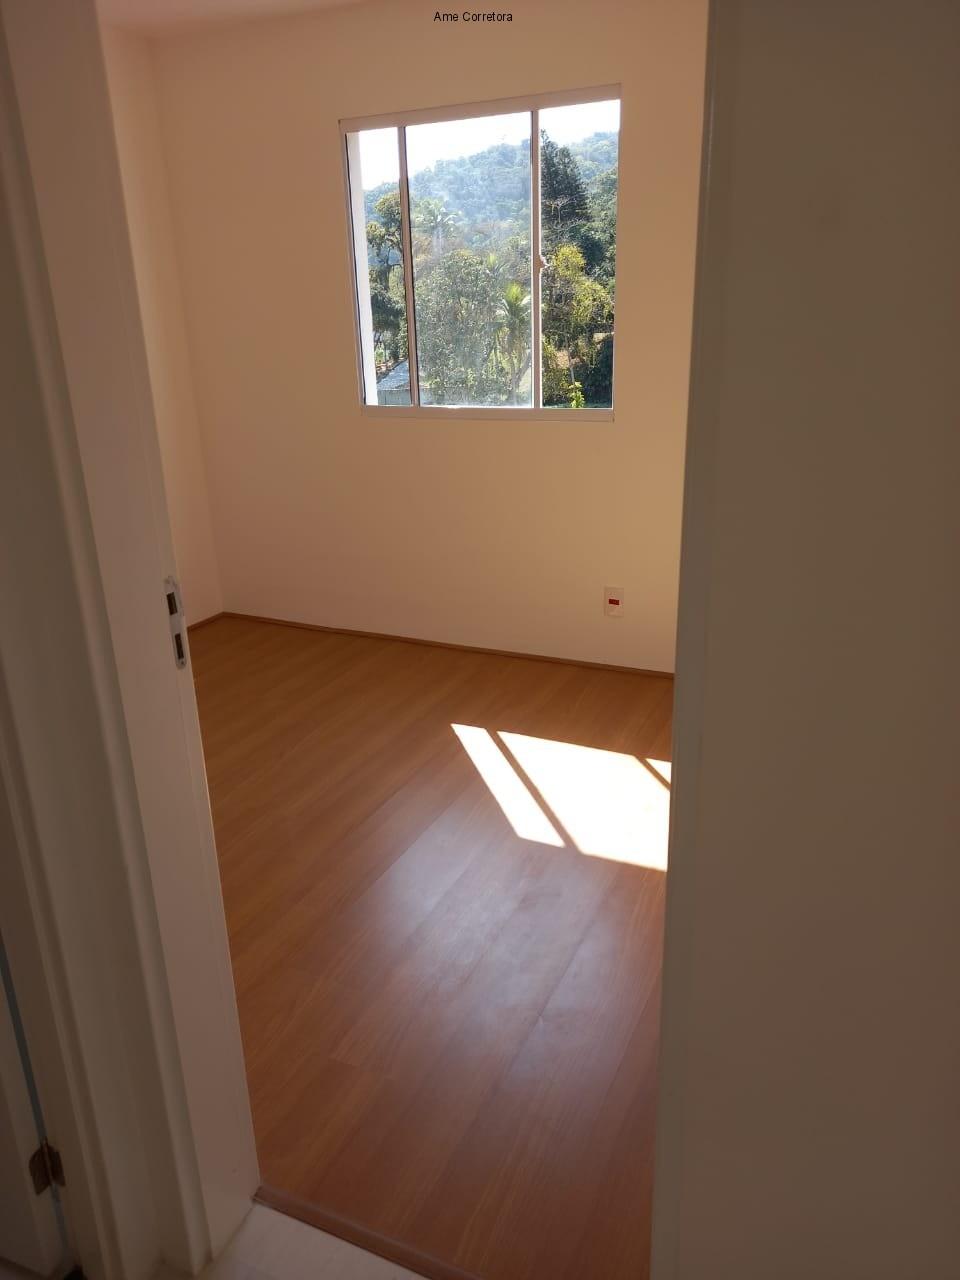 FOTO 08 - Apartamento 2 quartos à venda Taquara, Rio de Janeiro - R$ 270.000 - AP00389 - 9